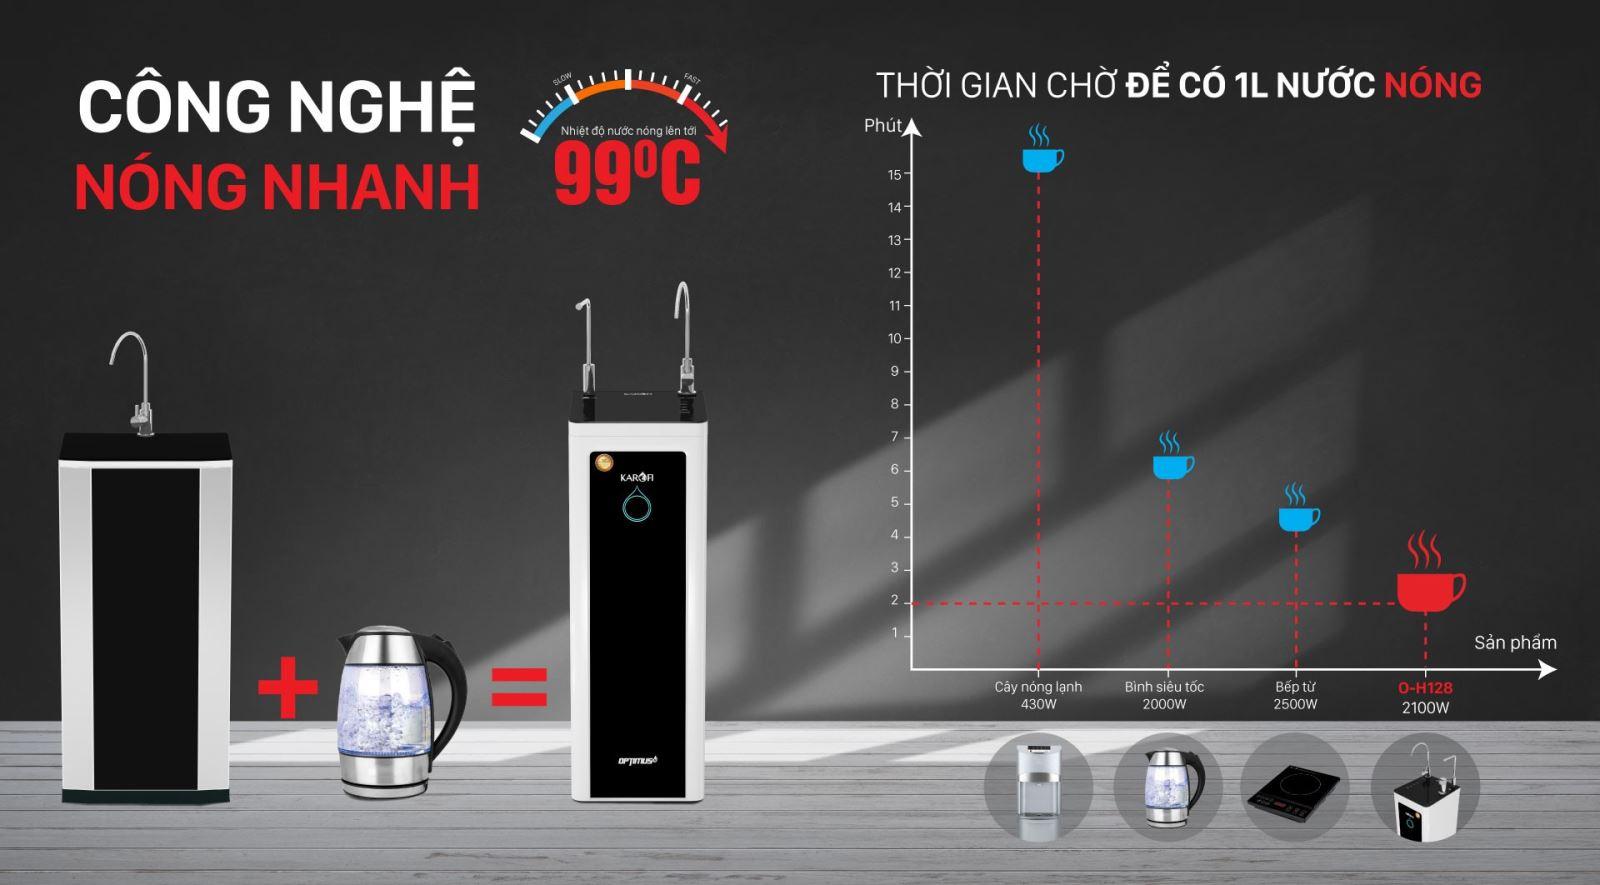 công nghệ làm nóng nhanh trong máy lọc nước Karofi O-H128